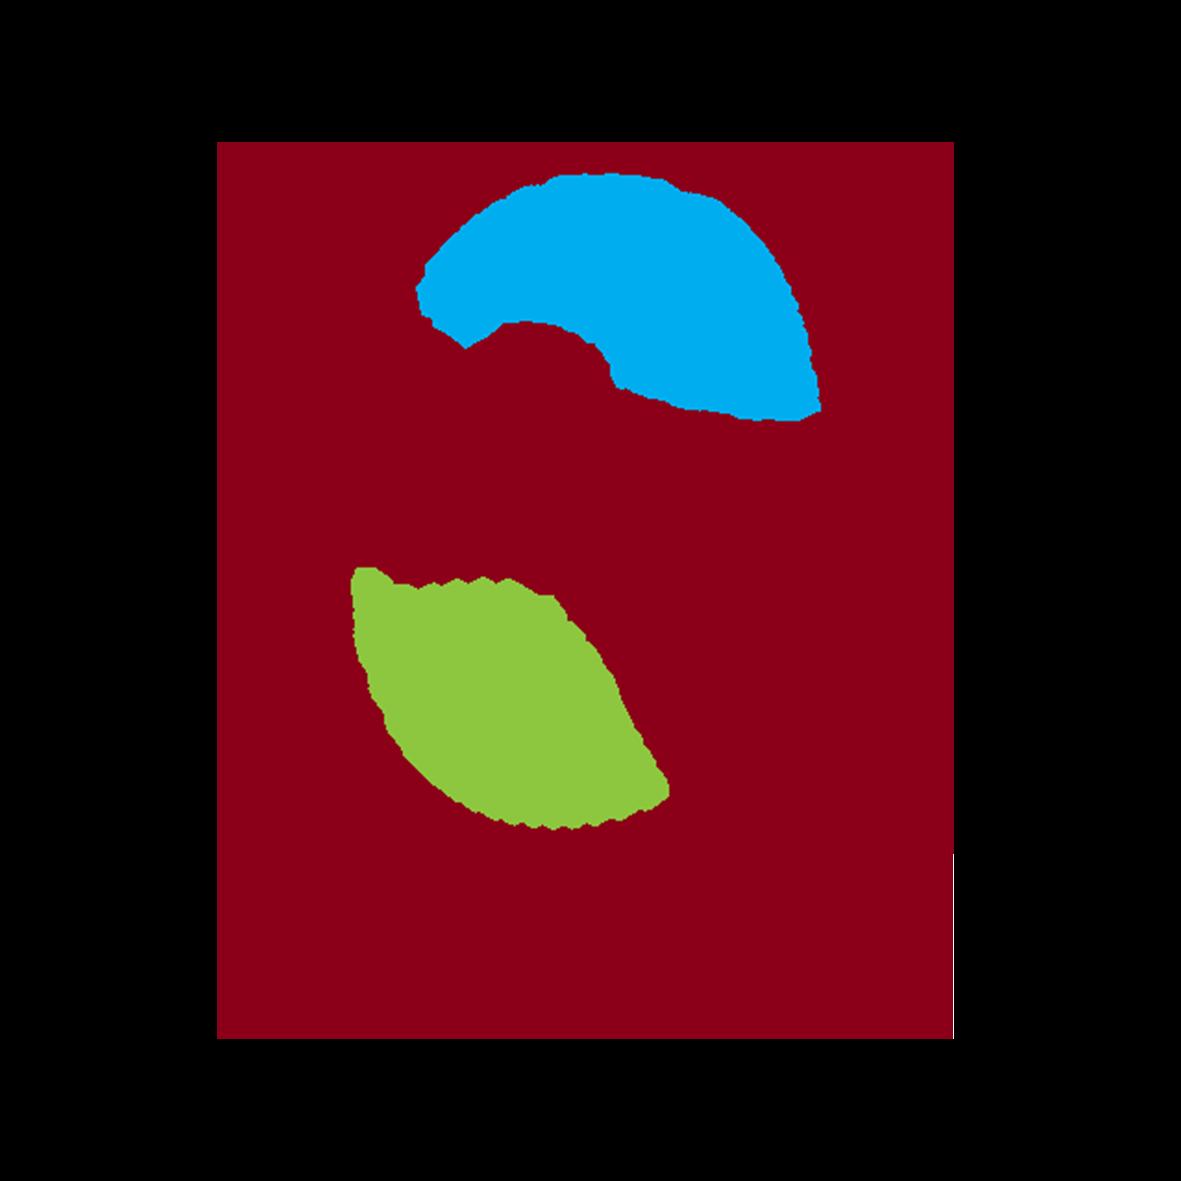 qmpsystem.eu